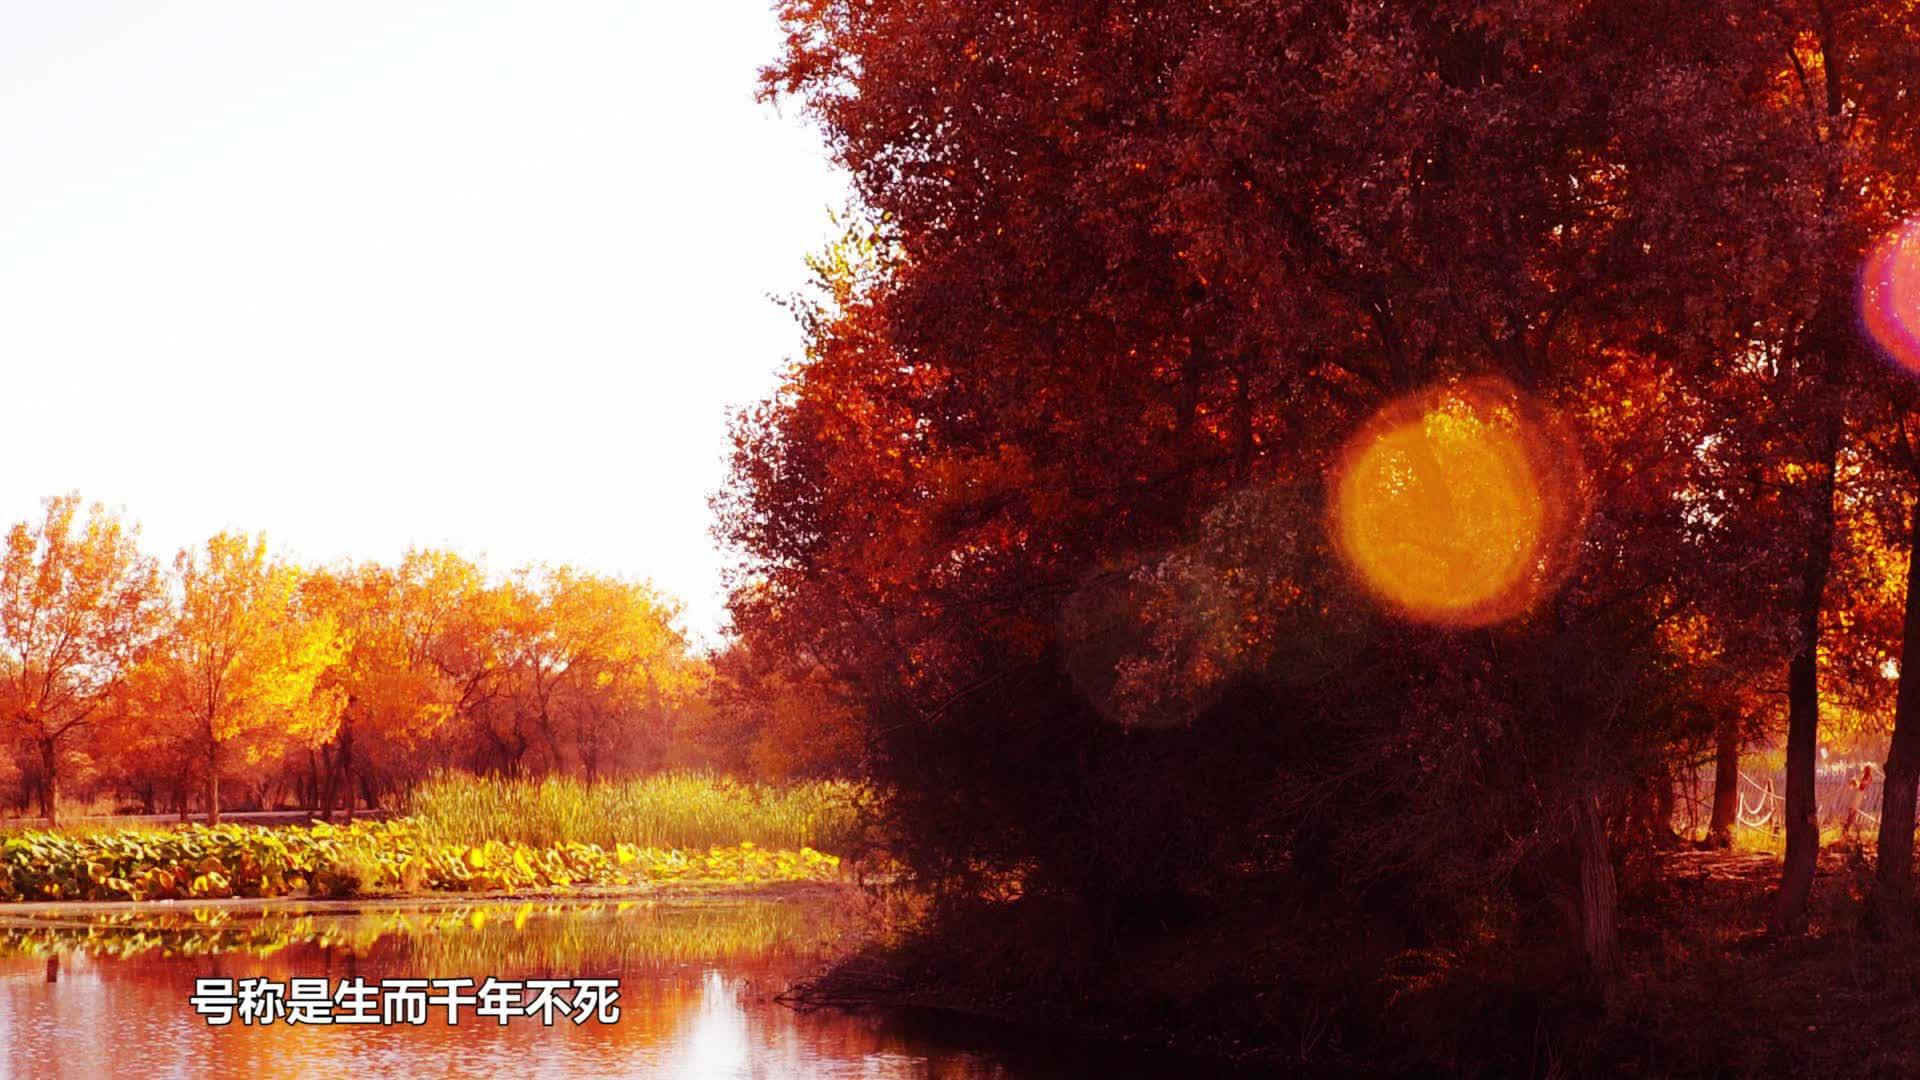 停车减排就能在中国西北种一棵自己的胡杨树